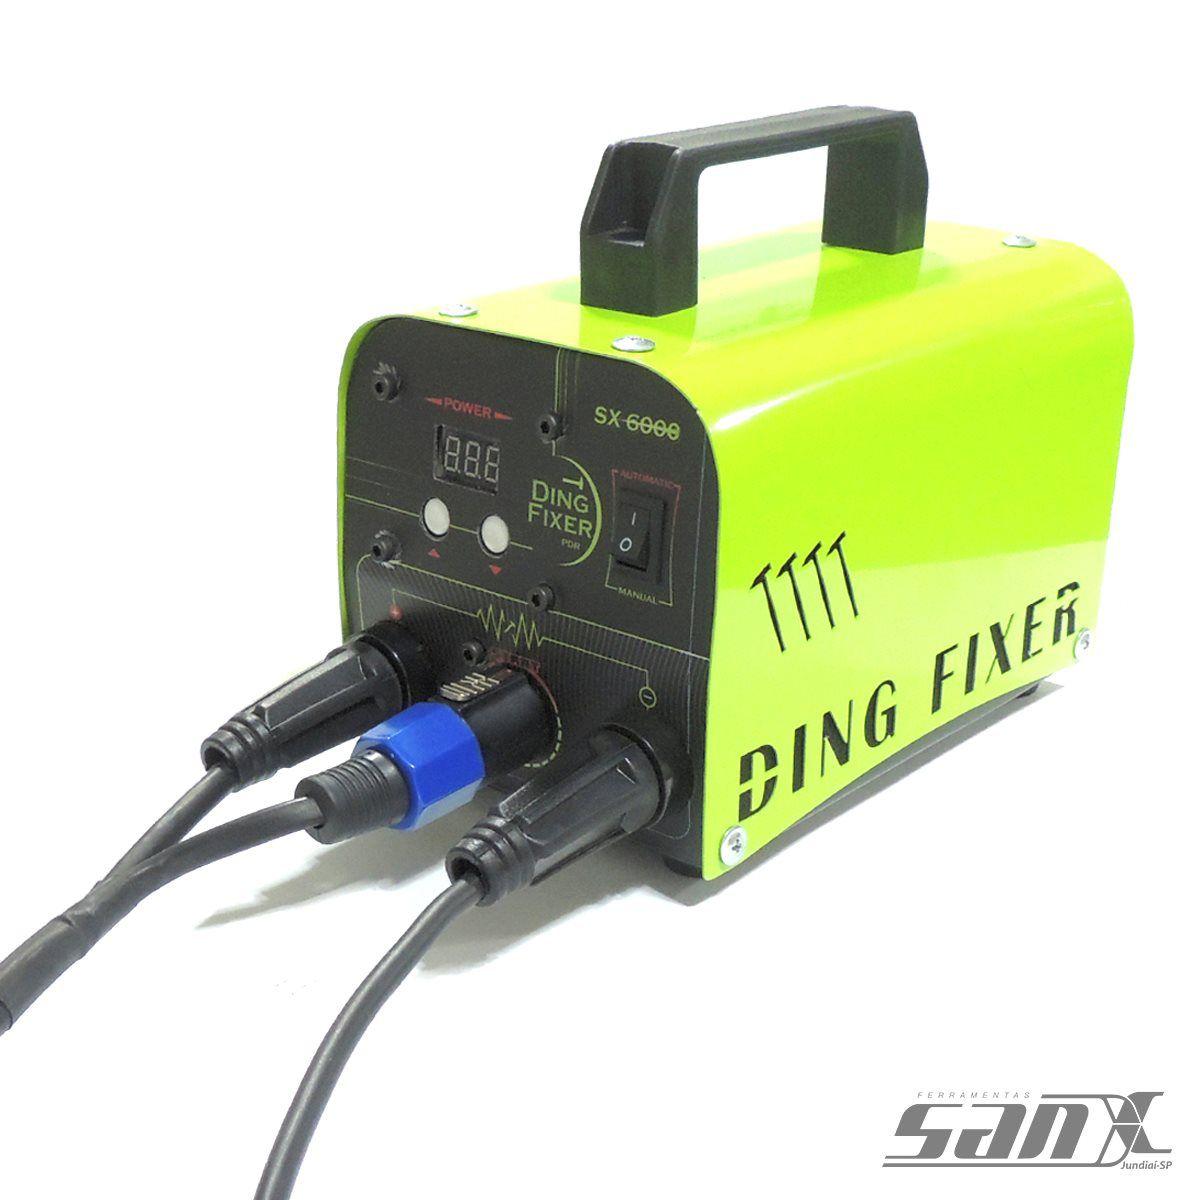 MAQUINA DE ENCOLHER CHAPA - DING FIXER SX-6000